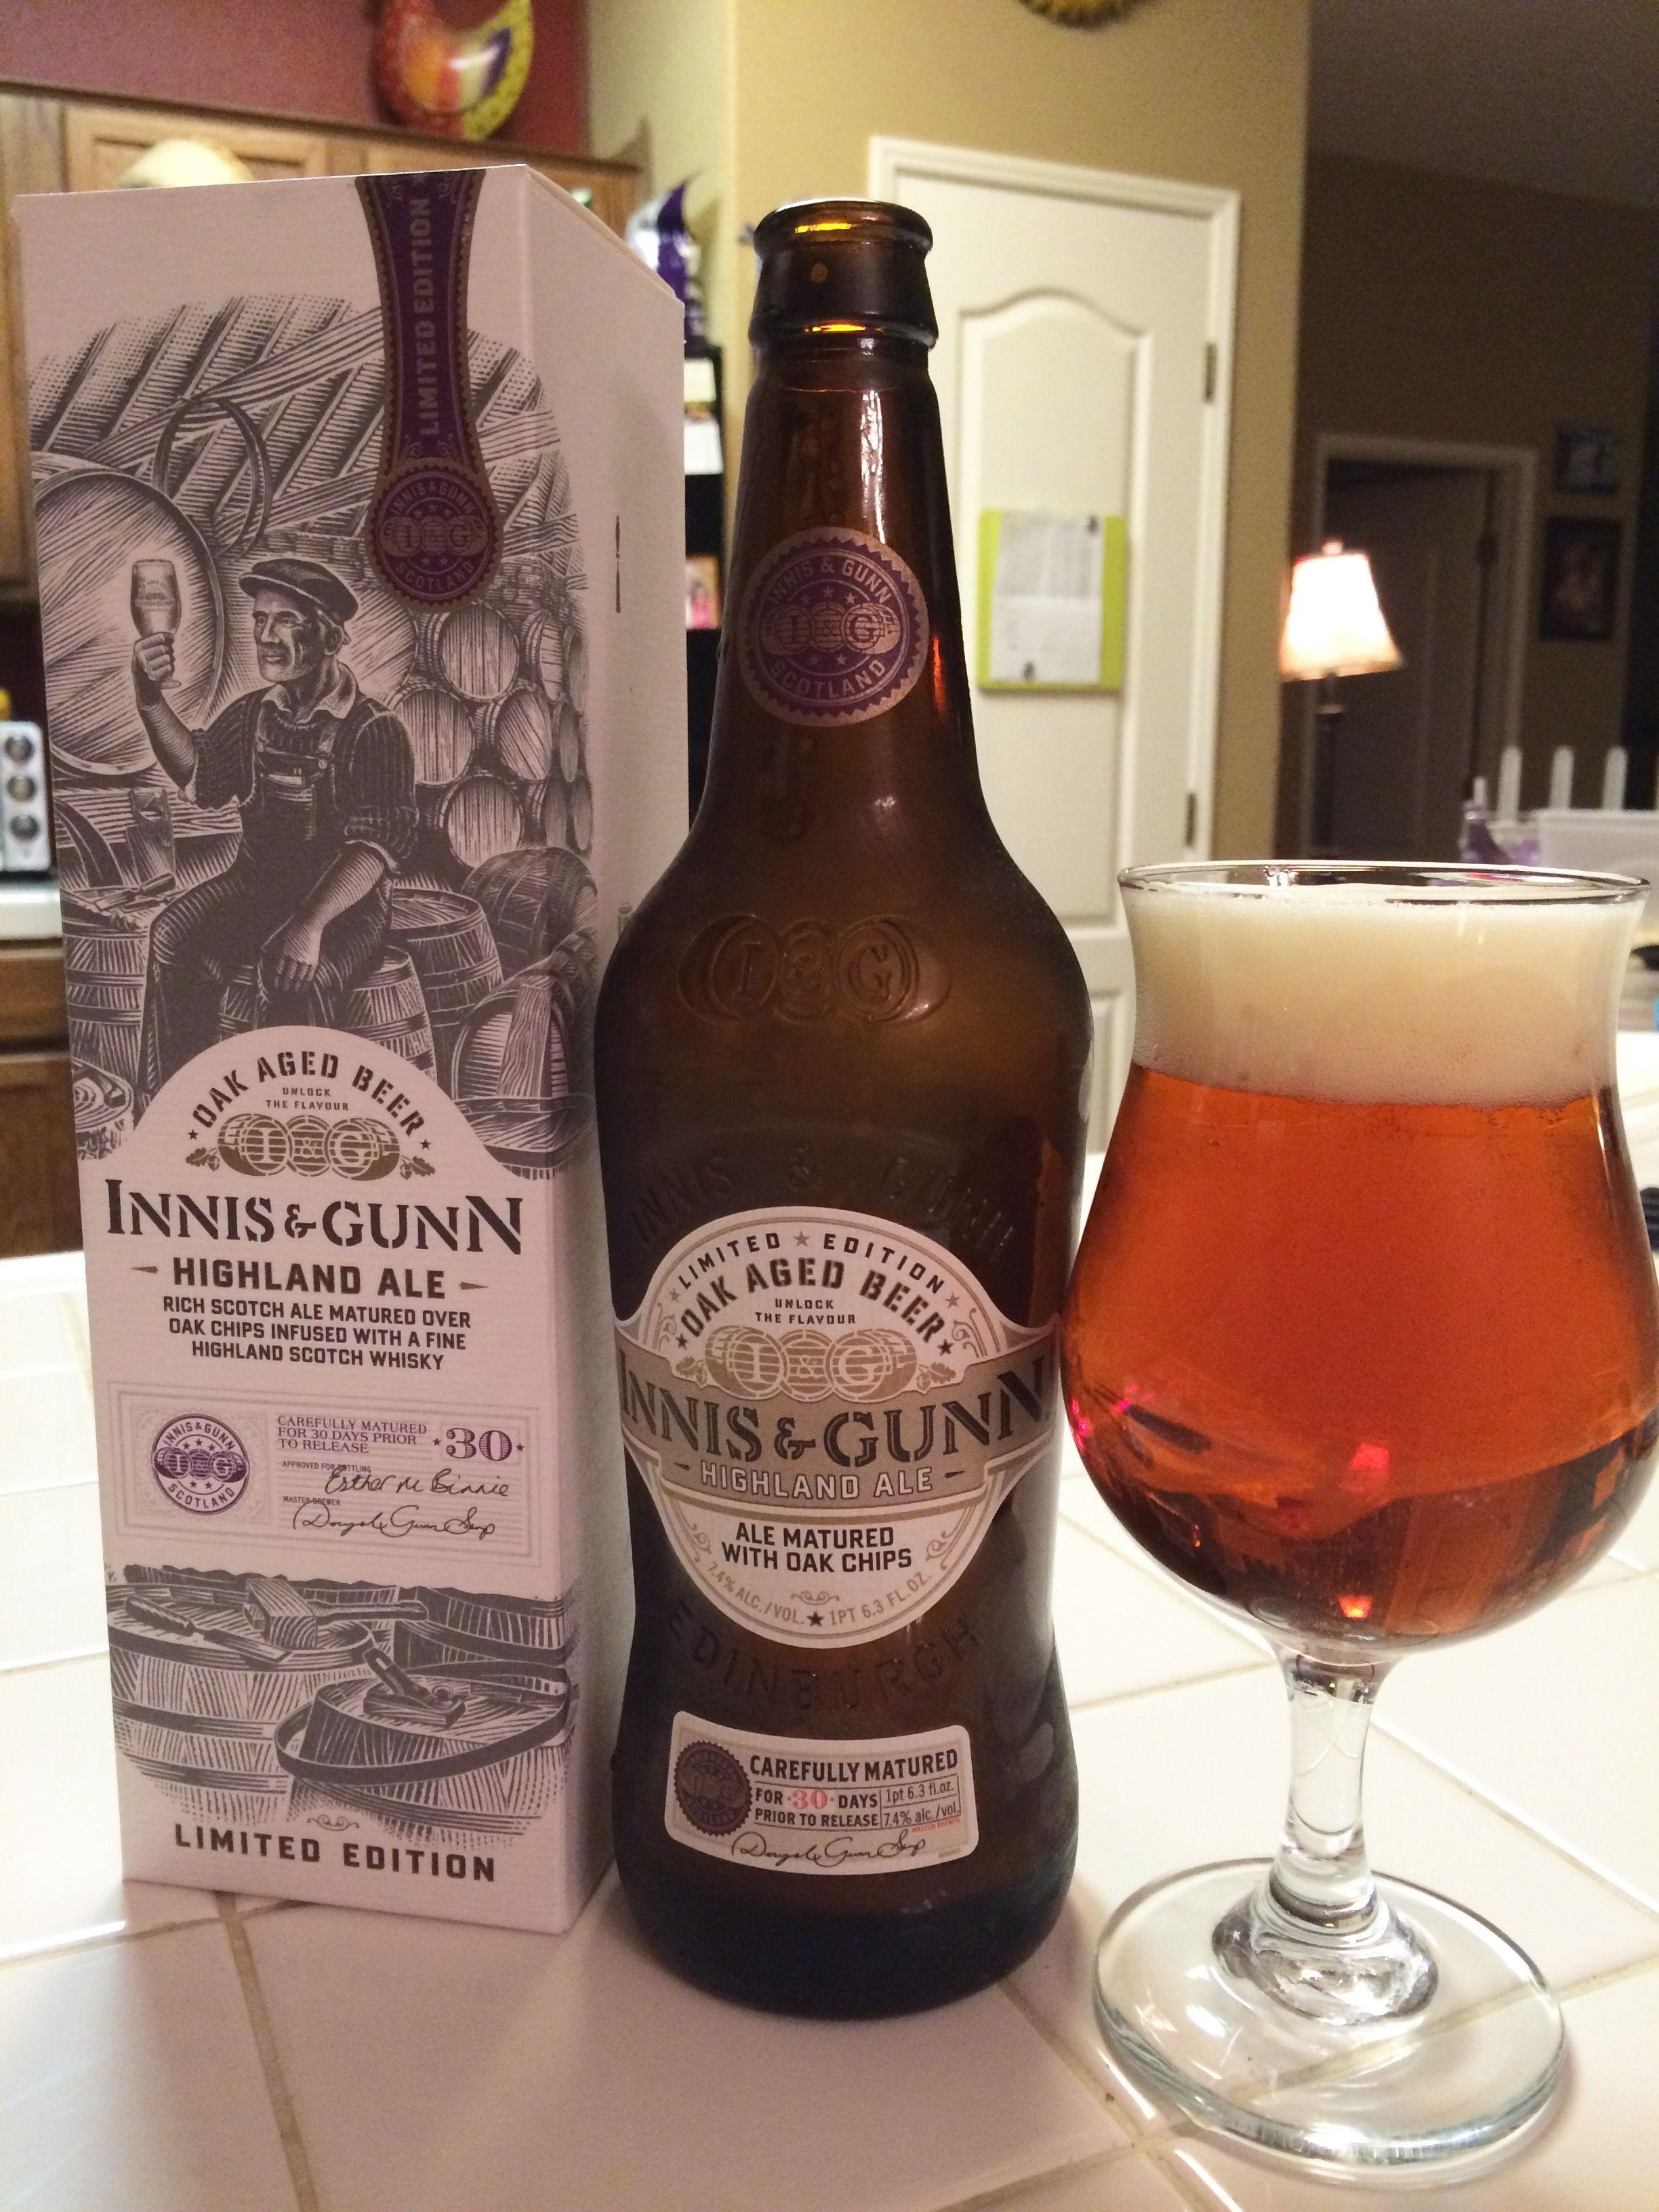 Inns & Gunn 'Highland Ale' Oak Aged Scotch Ale